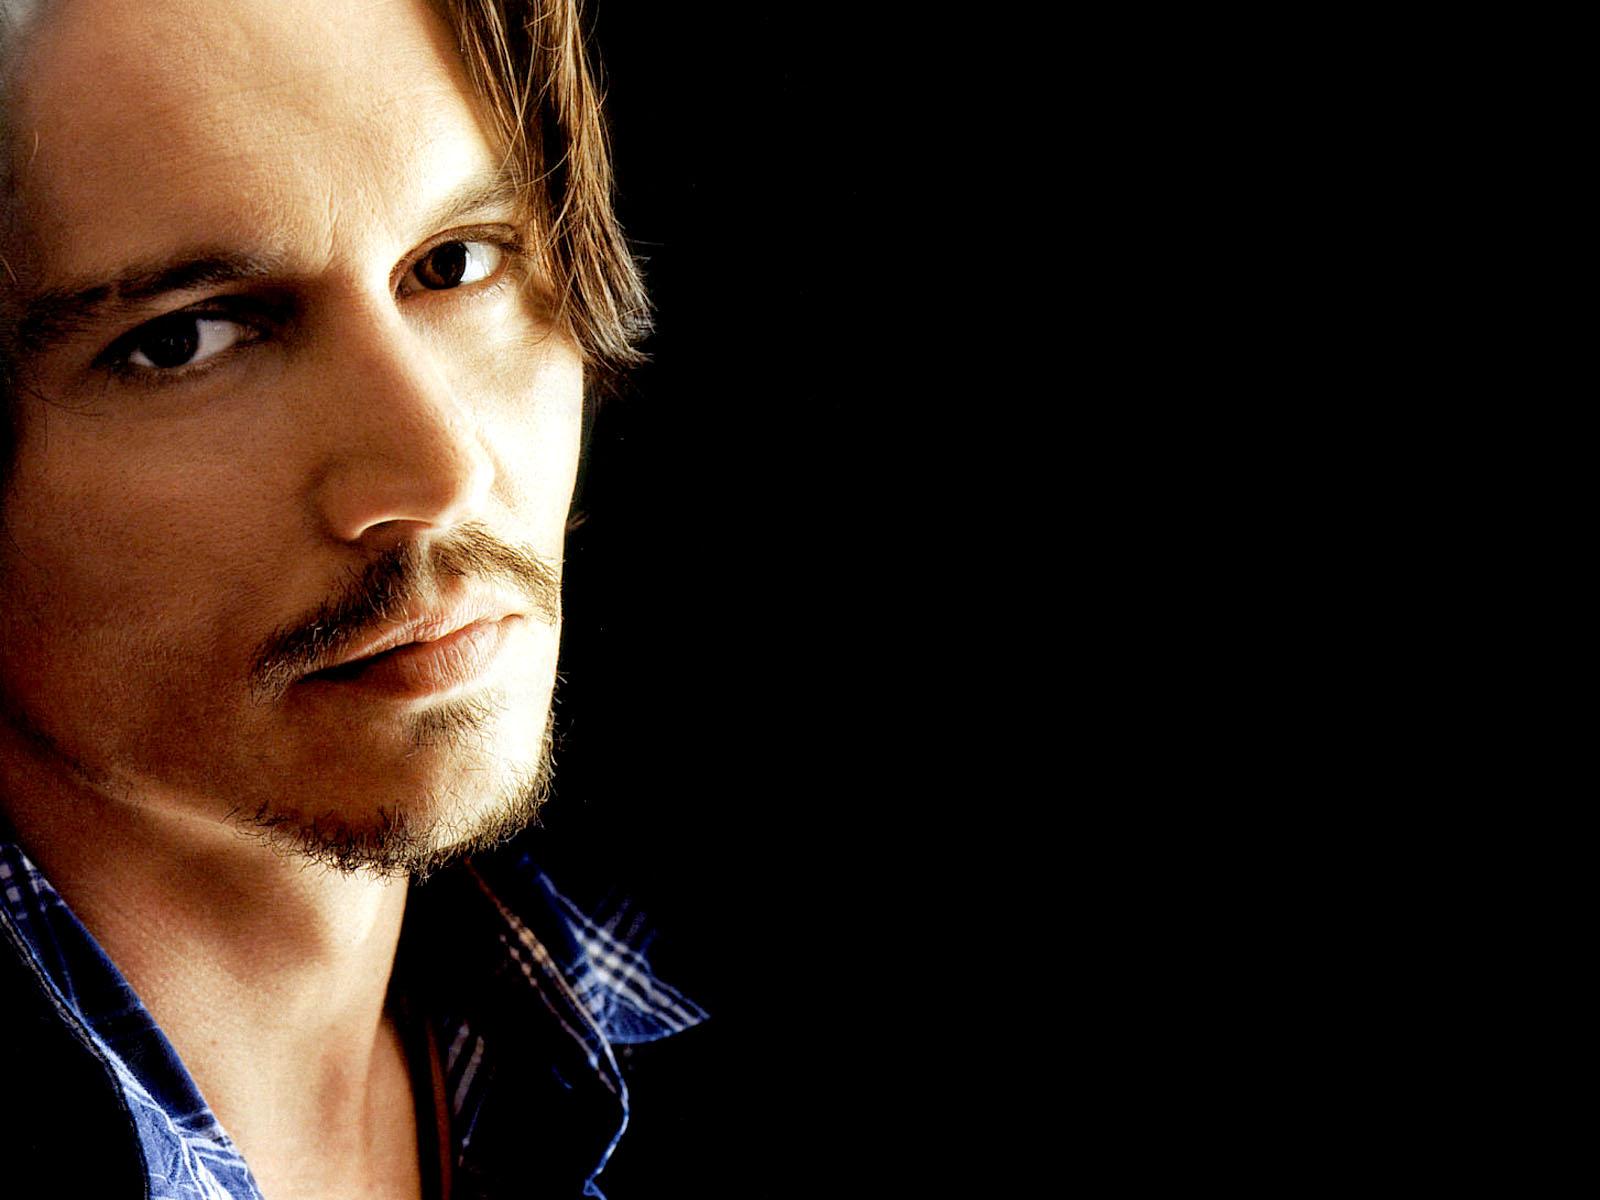 Wallpaper: Johnny Depp Pc Wallpaper